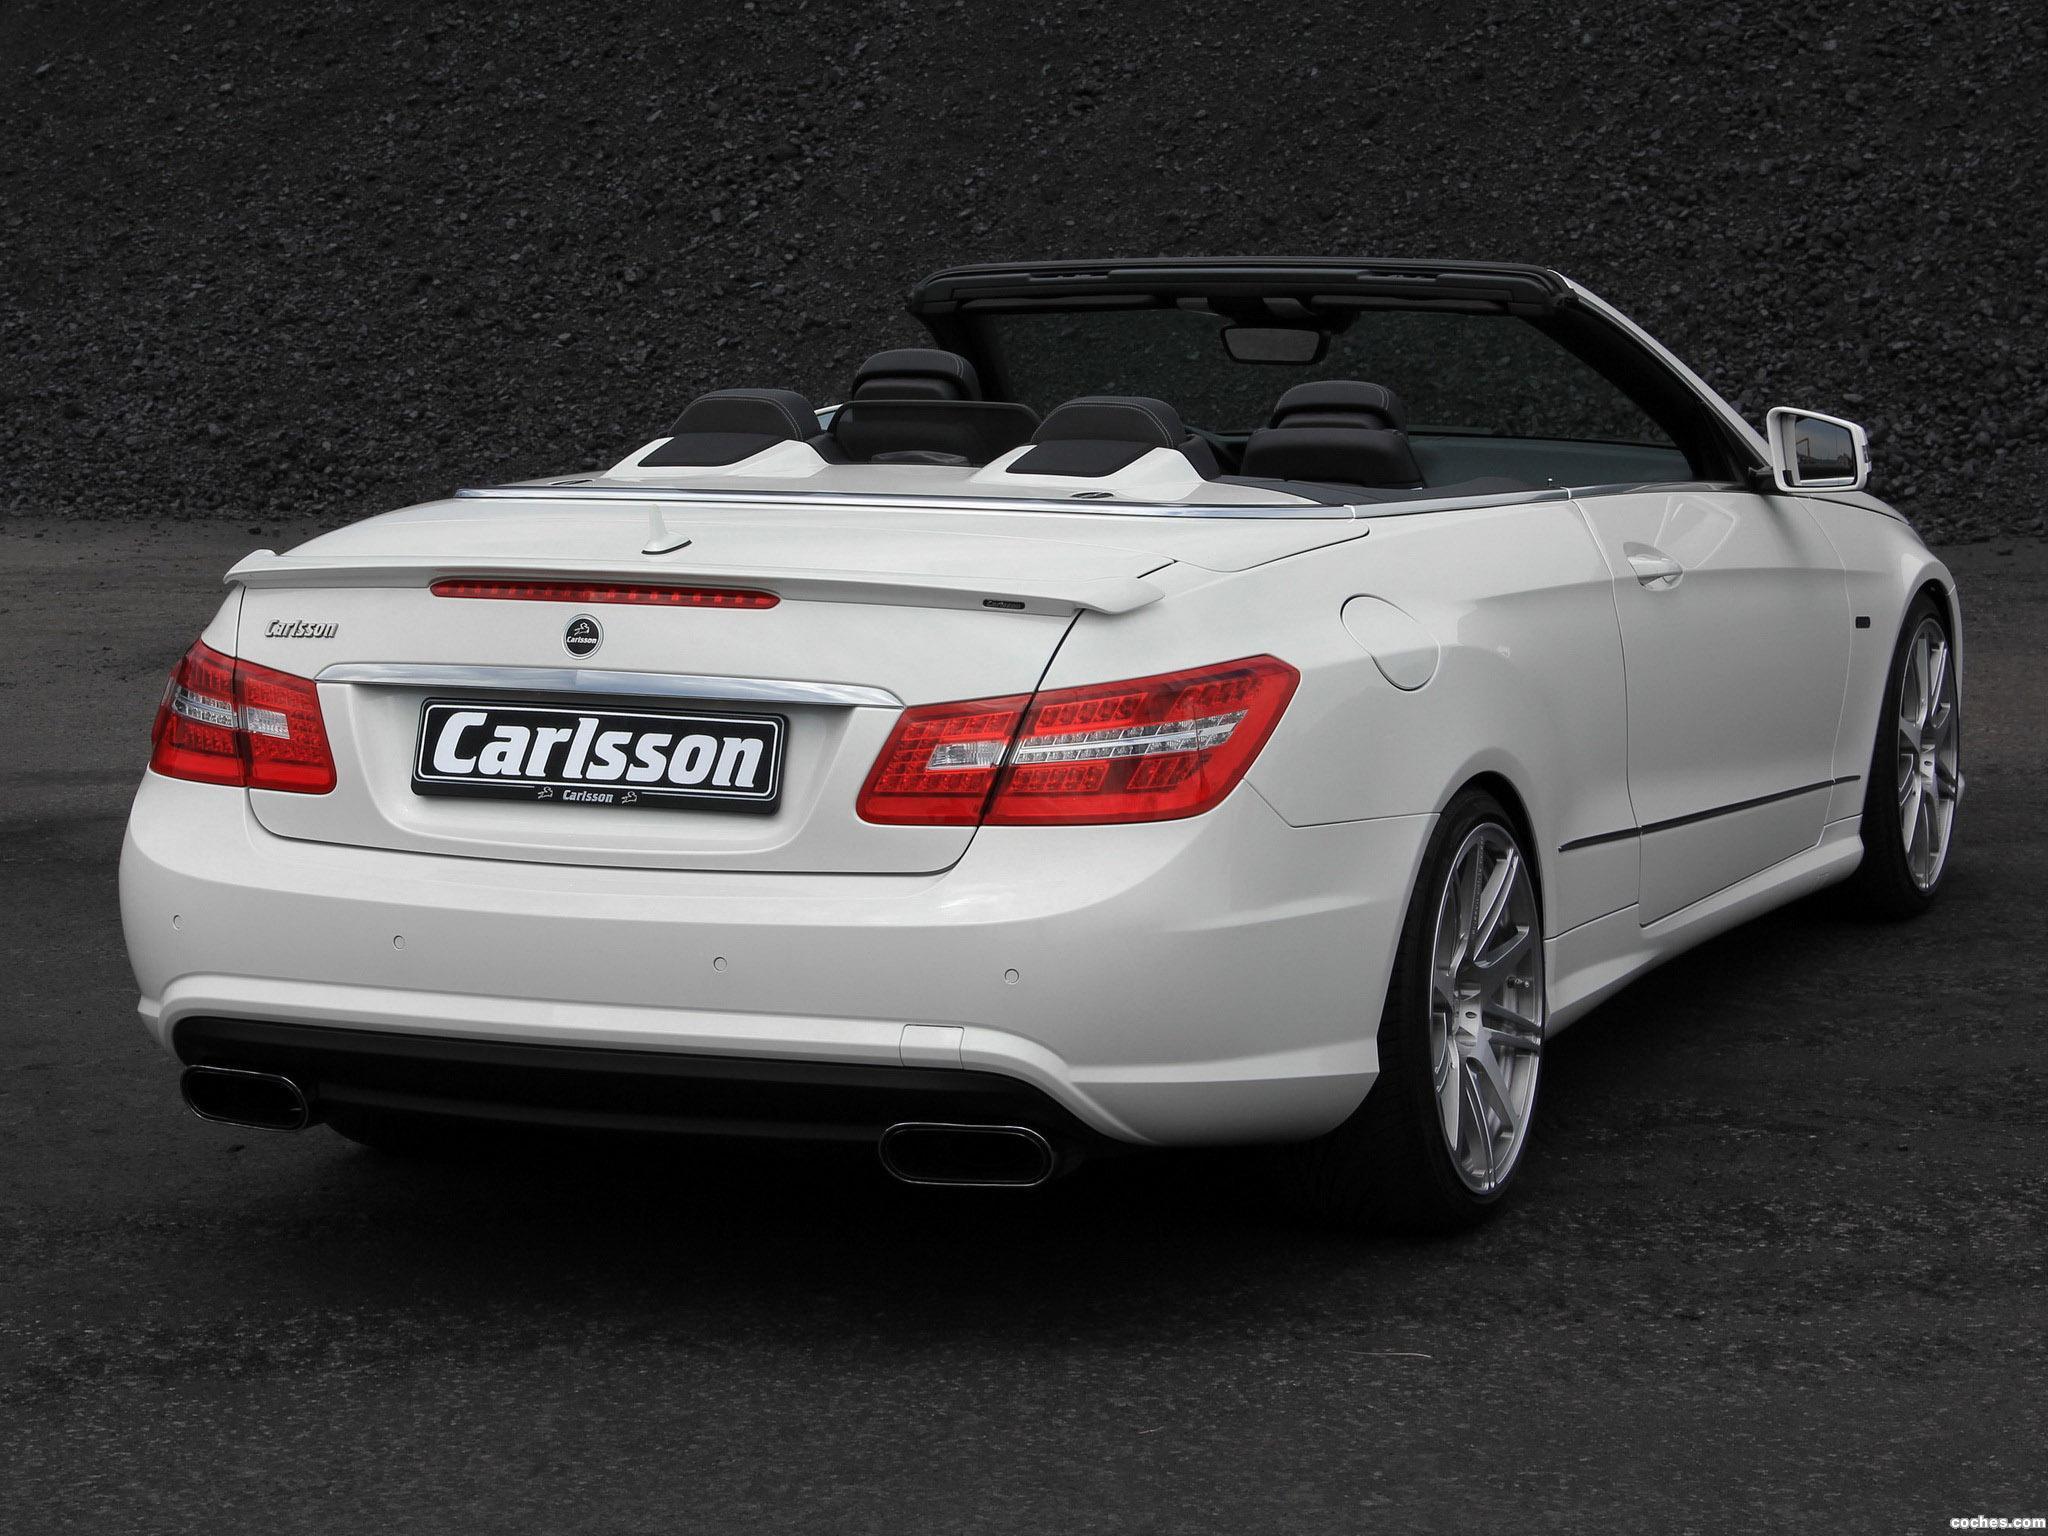 Foto 7 de Mercedes Carlsson Clase E Cabrio A207 2010